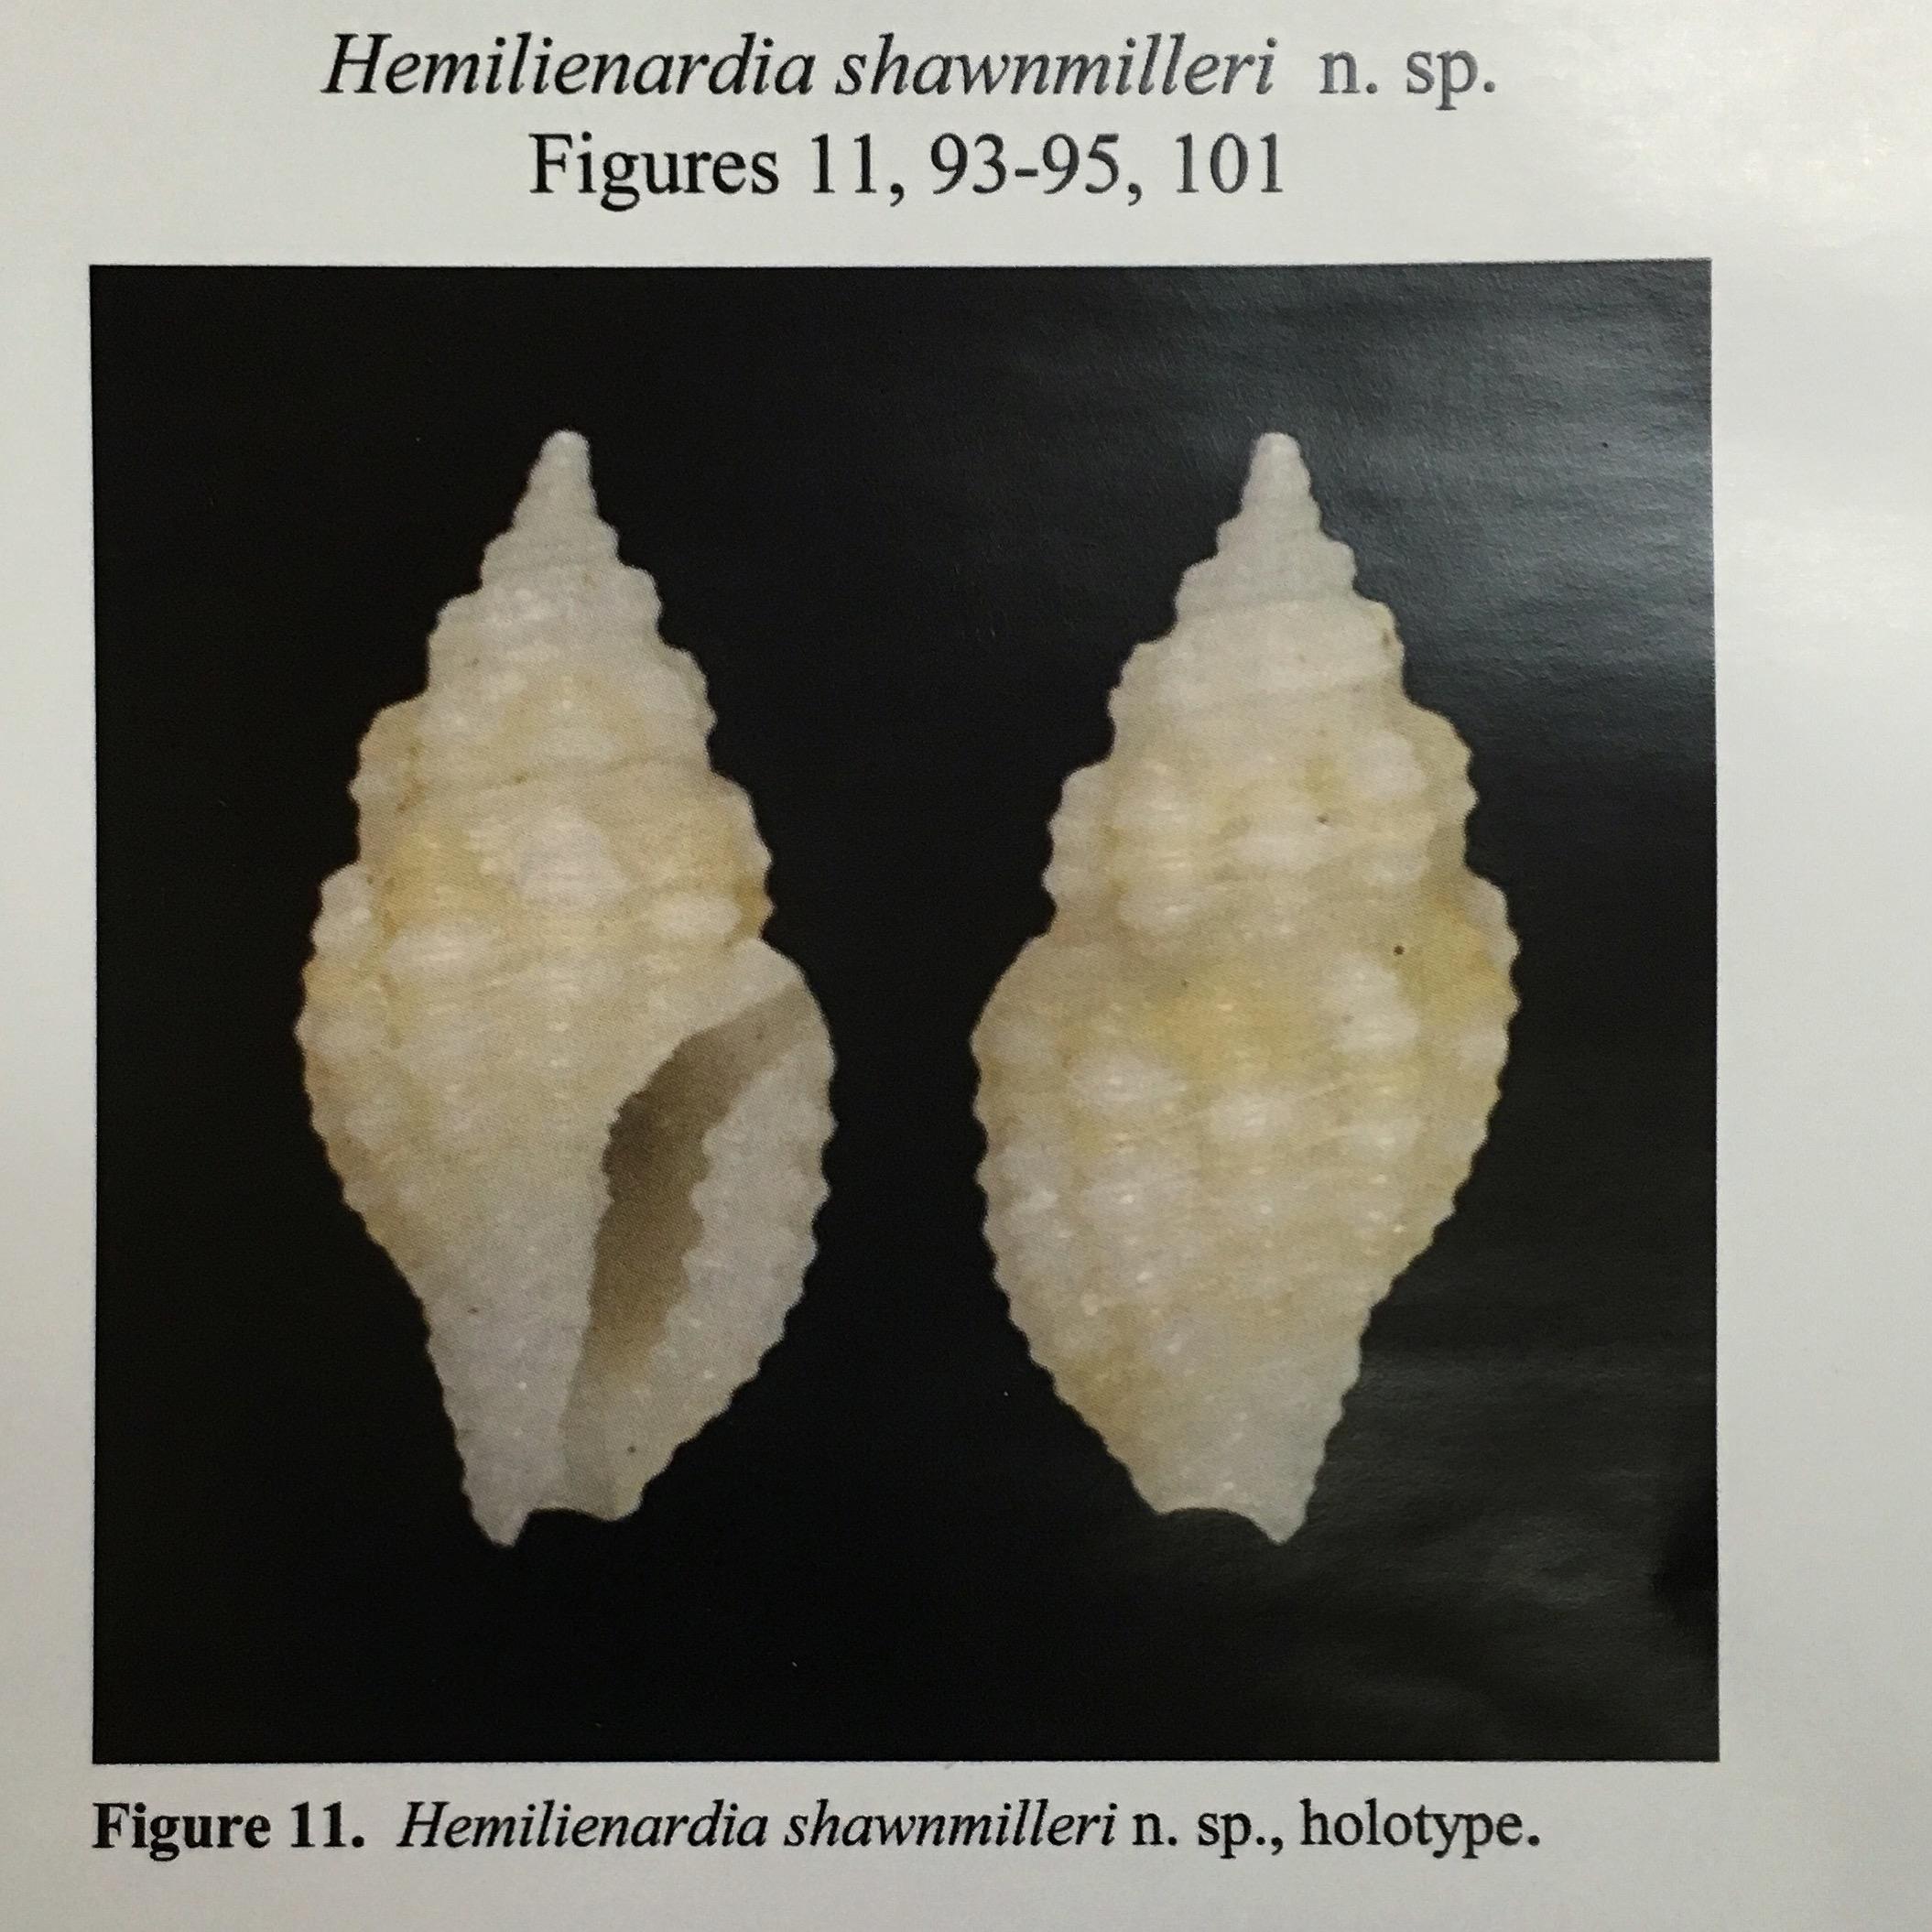 Hemilienardia shawnmilleri